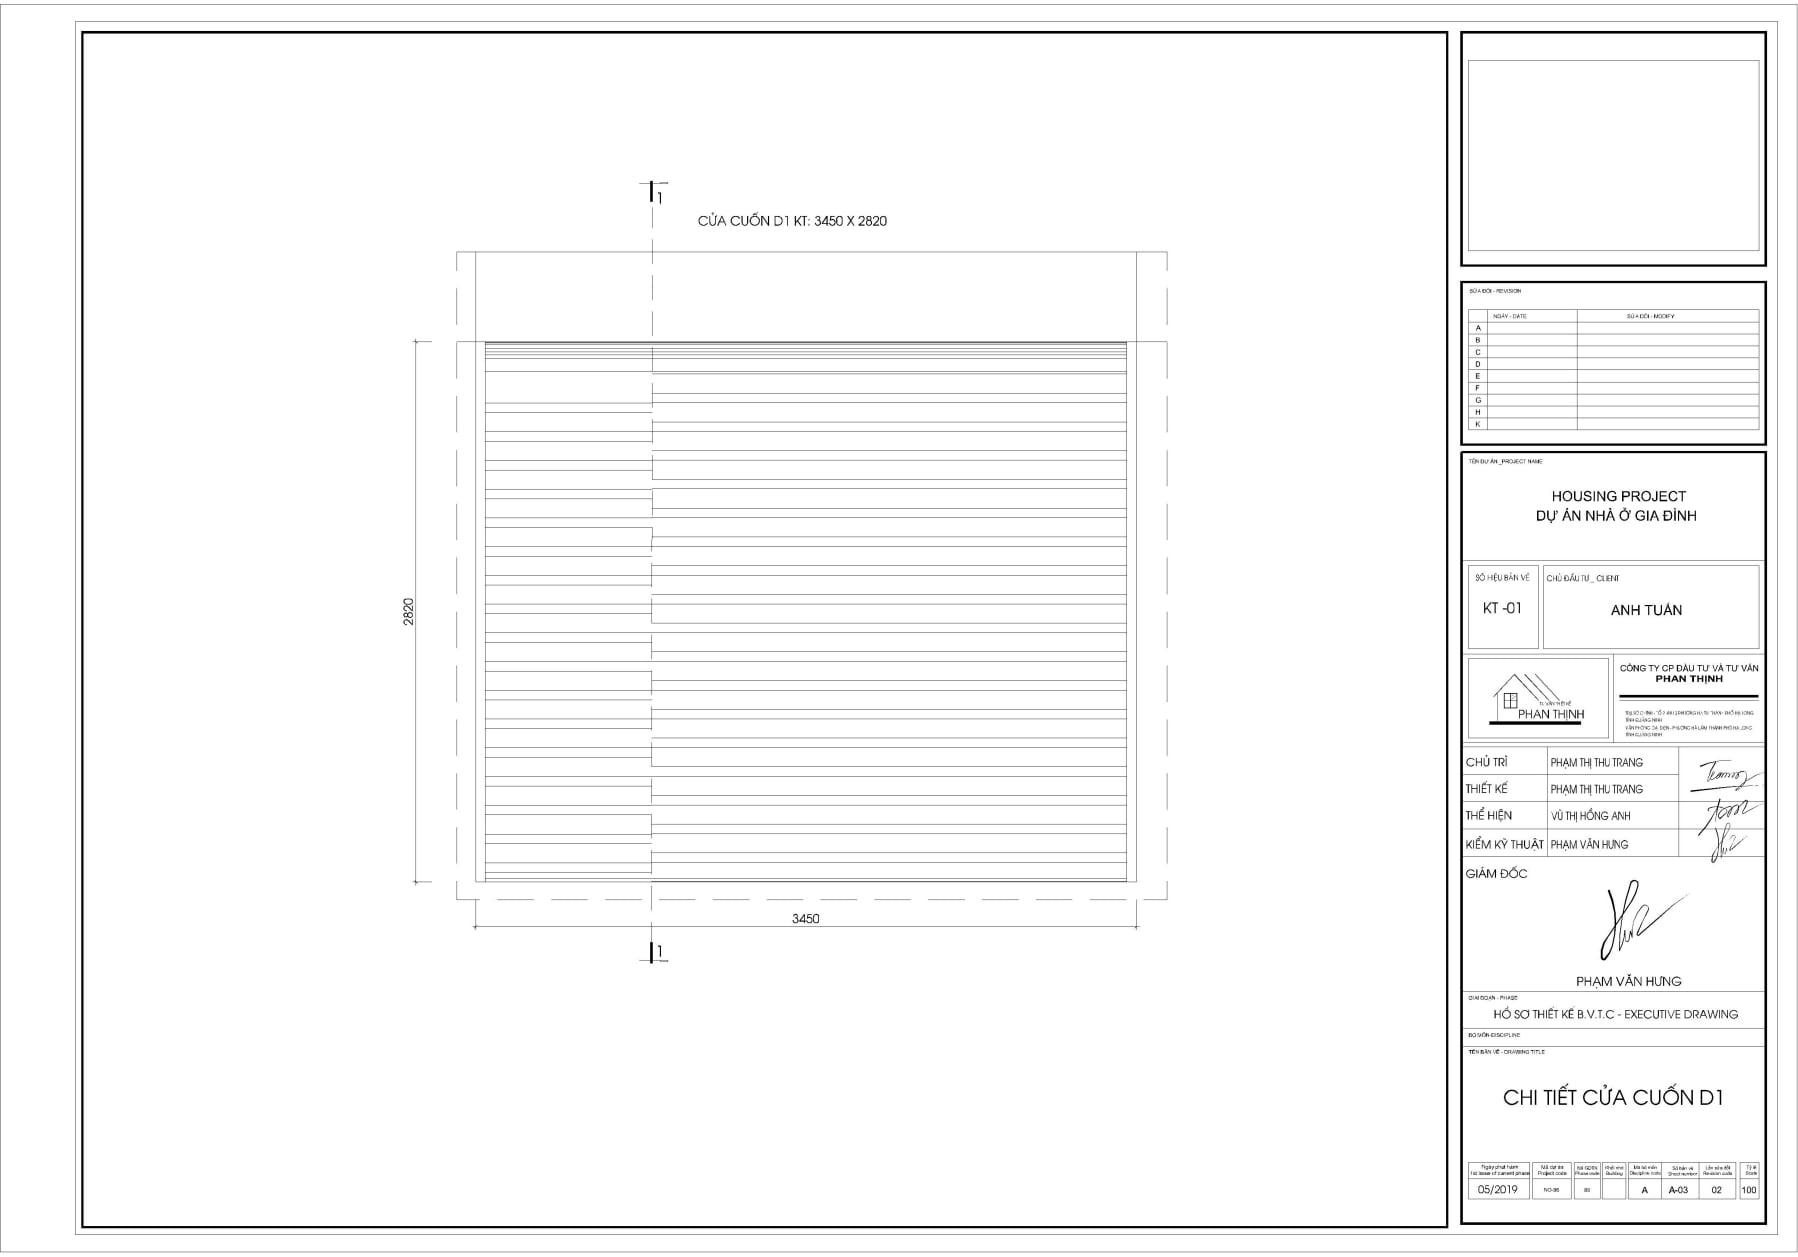 Bản vẽ thiết kế cửa cuốn